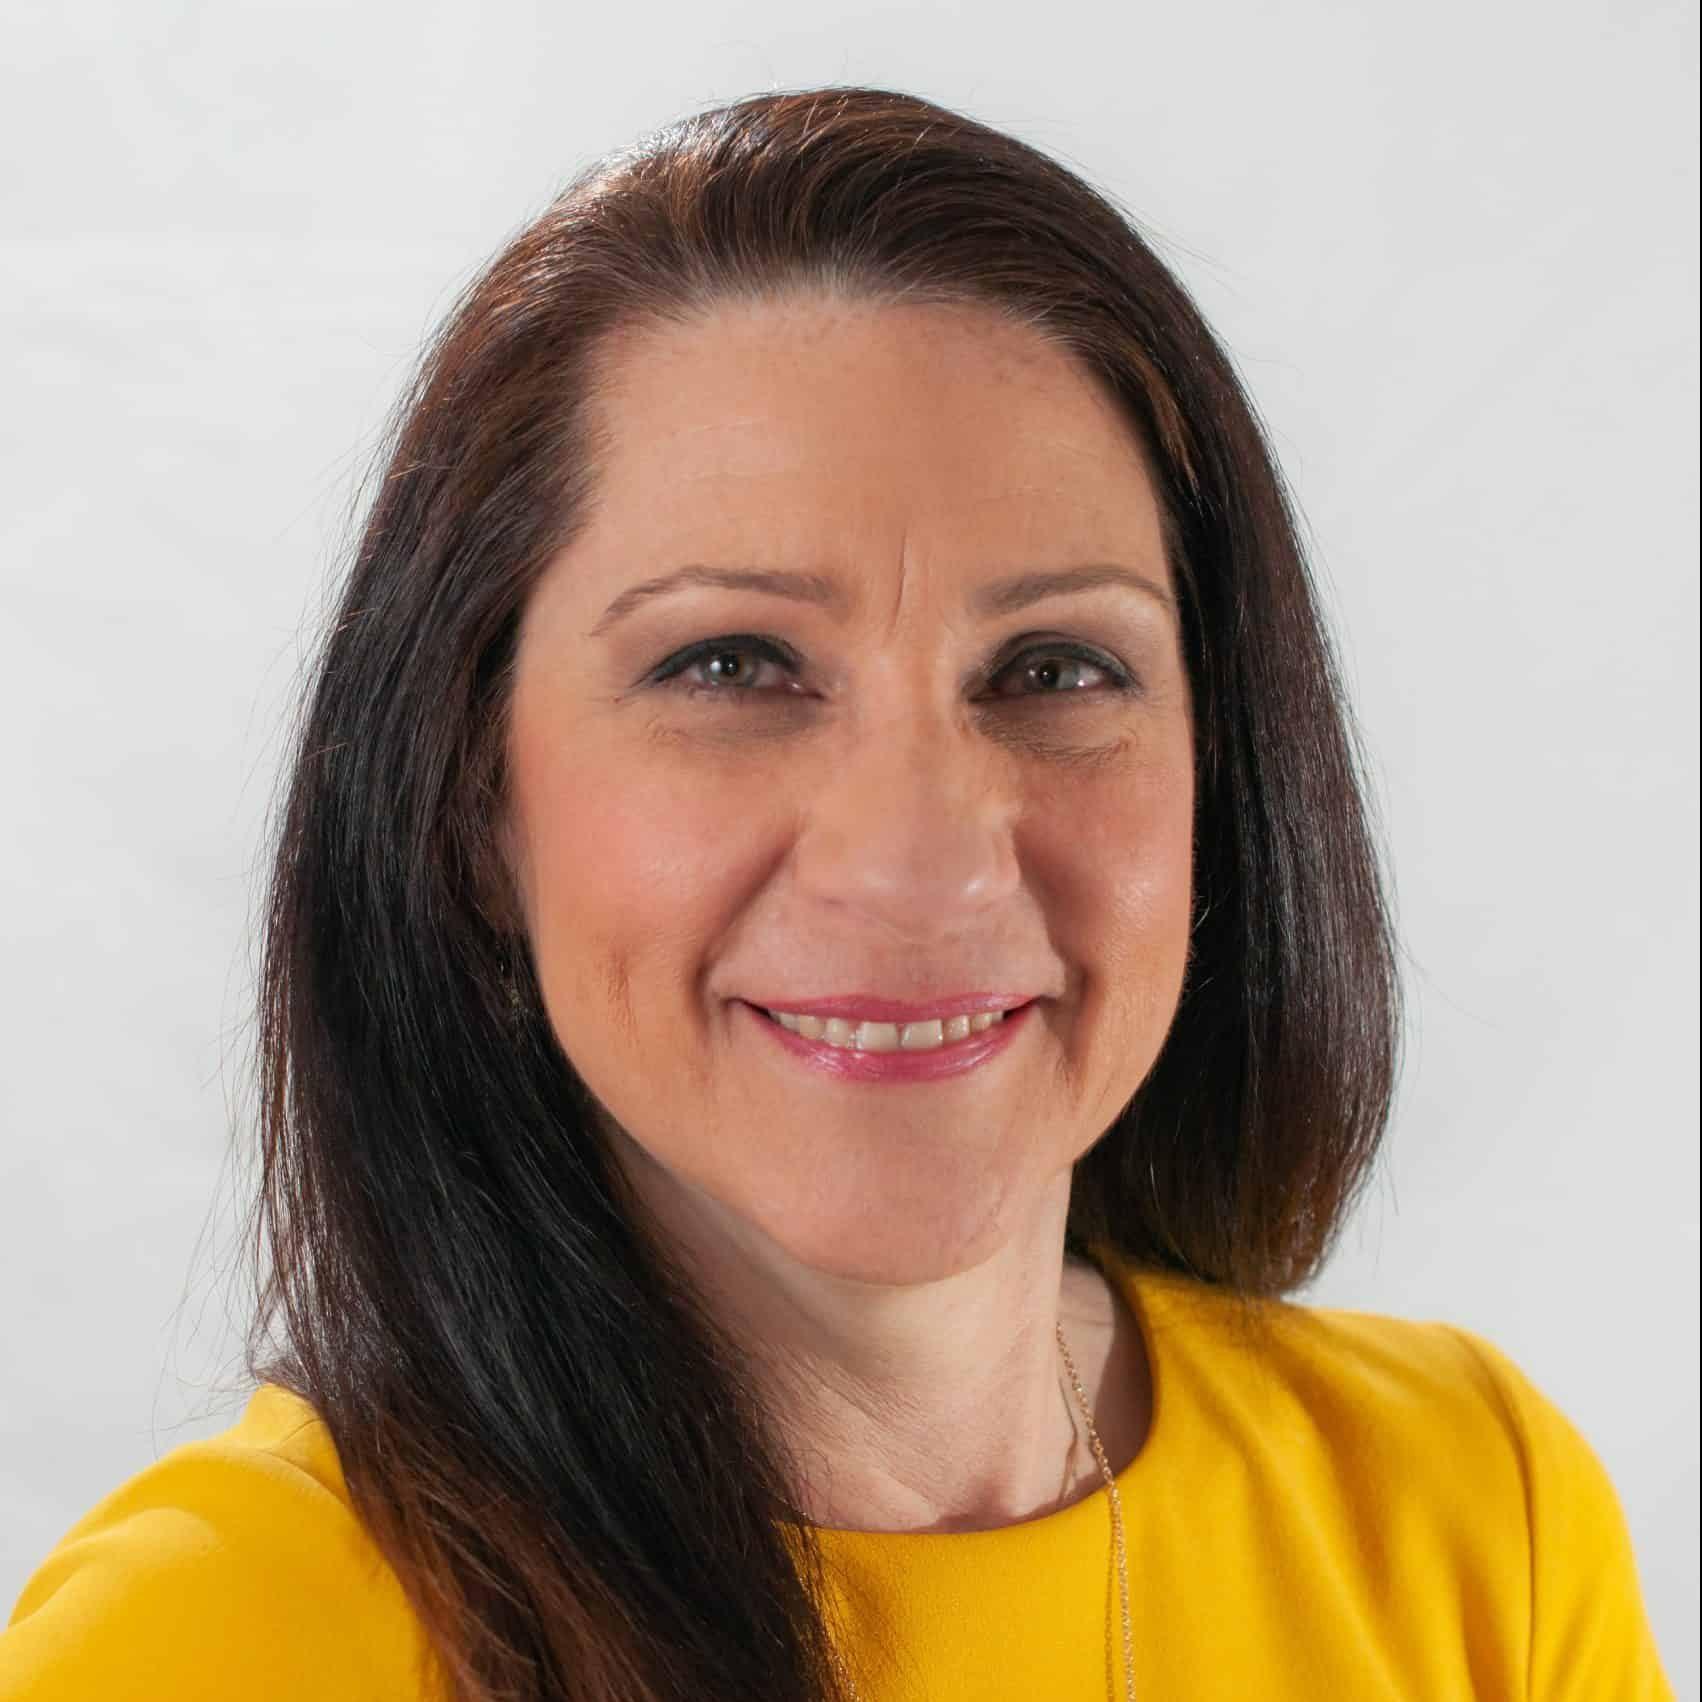 Marcia Malzahn